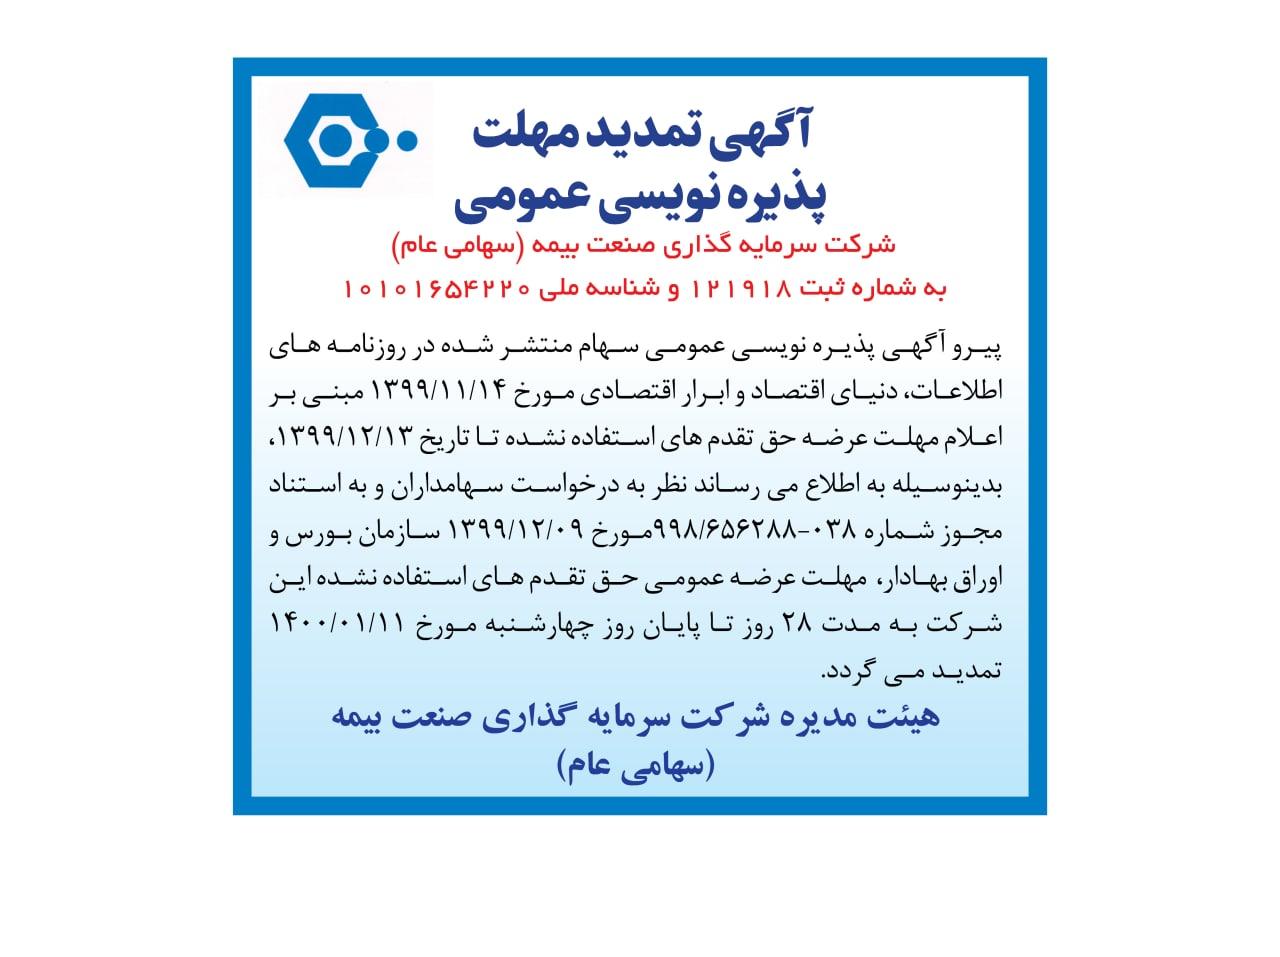 آگهی تمدید مهلت پذیره نویسی